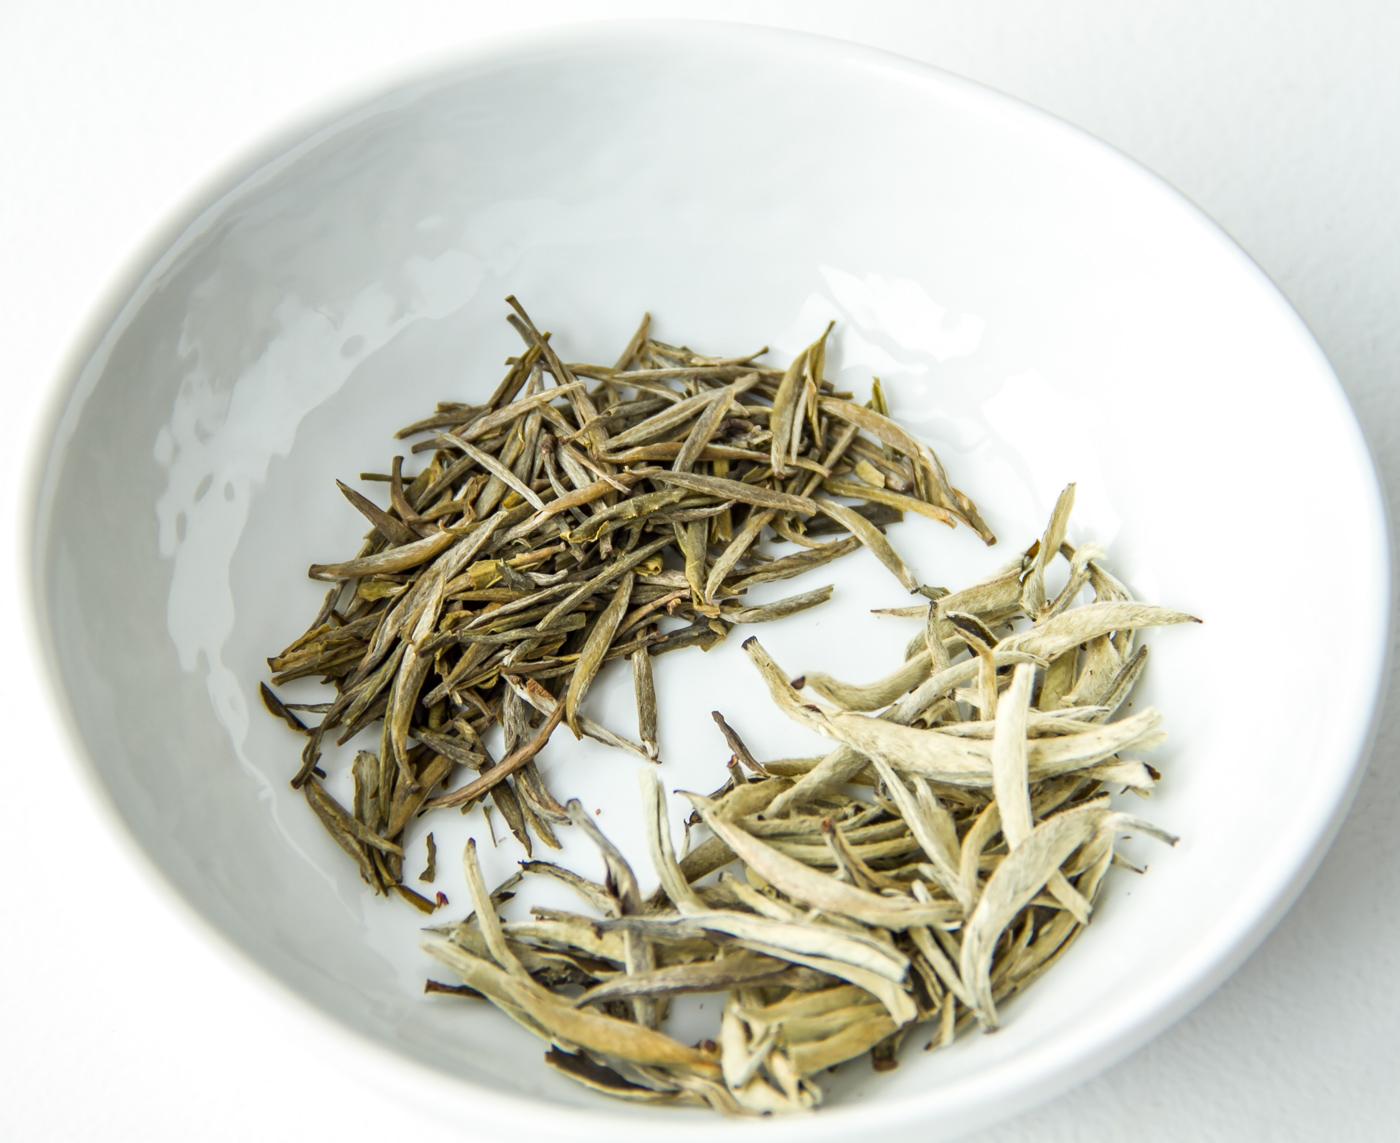 Yin Zhen yellow tea (top/left) and Yin Zhen white tea (bottom/right)